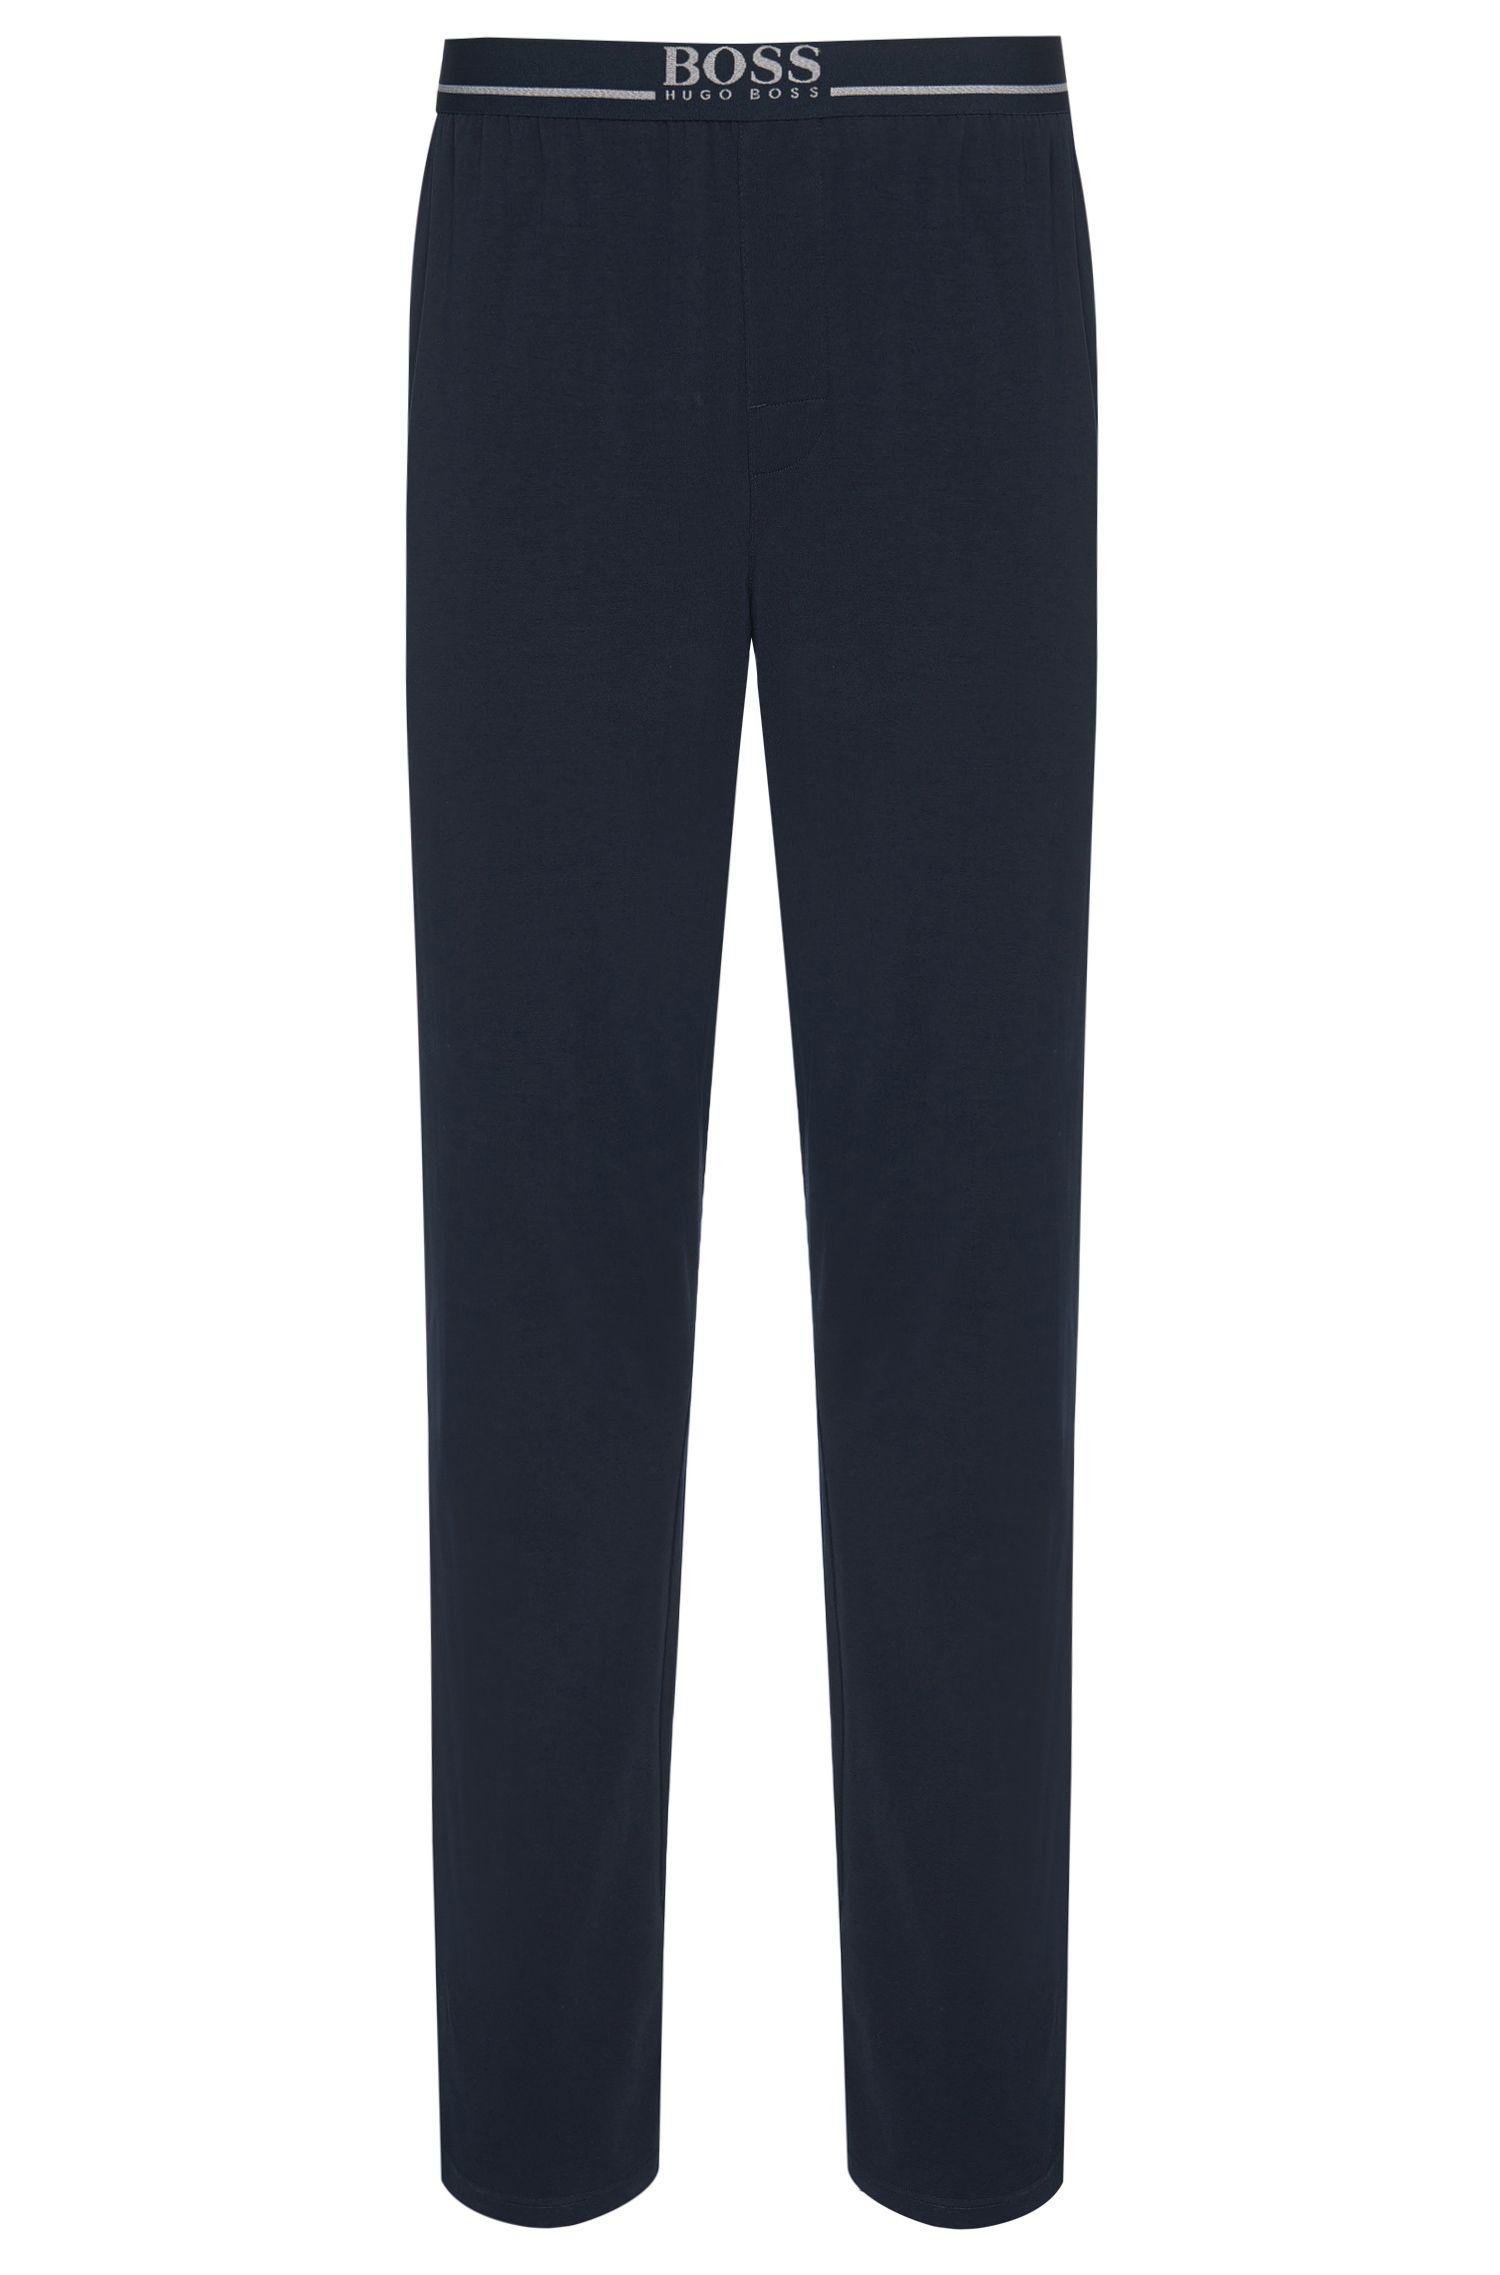 Pantalon d'intérieur en jersey de coton stretch, Bleu foncé